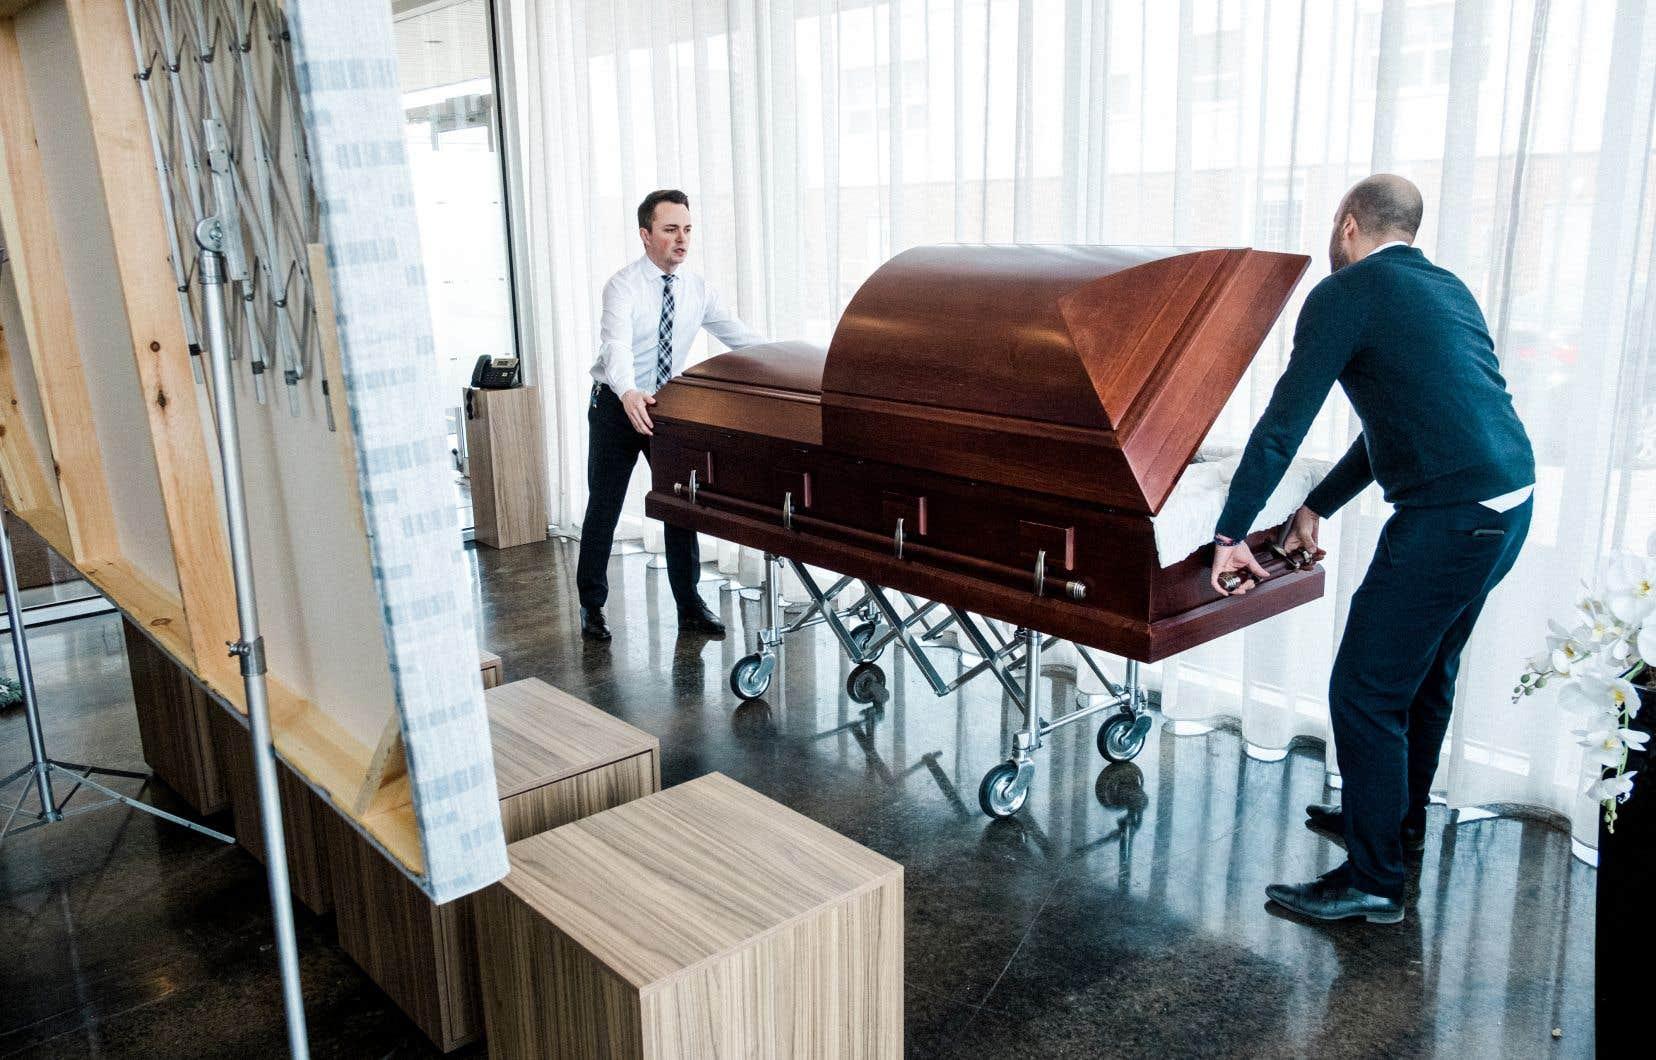 Les employés du salon funéraire préparent la présentation, qui se fera pour une toute première fois au travers d'une vitrine. Les visiteurs arrivent en voiture de façon à pouvoir rassembler plus de 10 personnes.